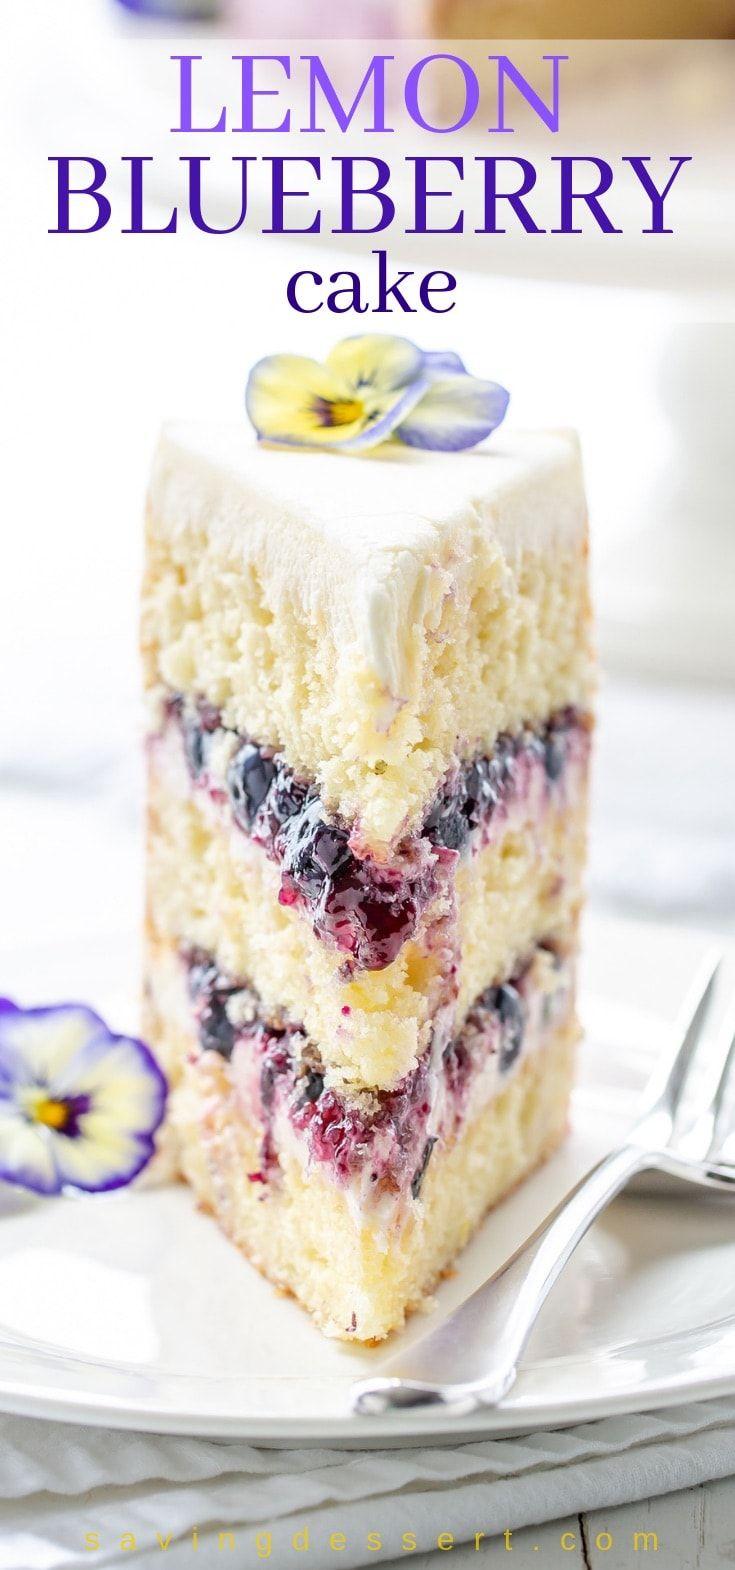 Lemon Blueberry Cake Recipe Blueberry Lemon Cake Moist Lemon Cake Blueberry Cake